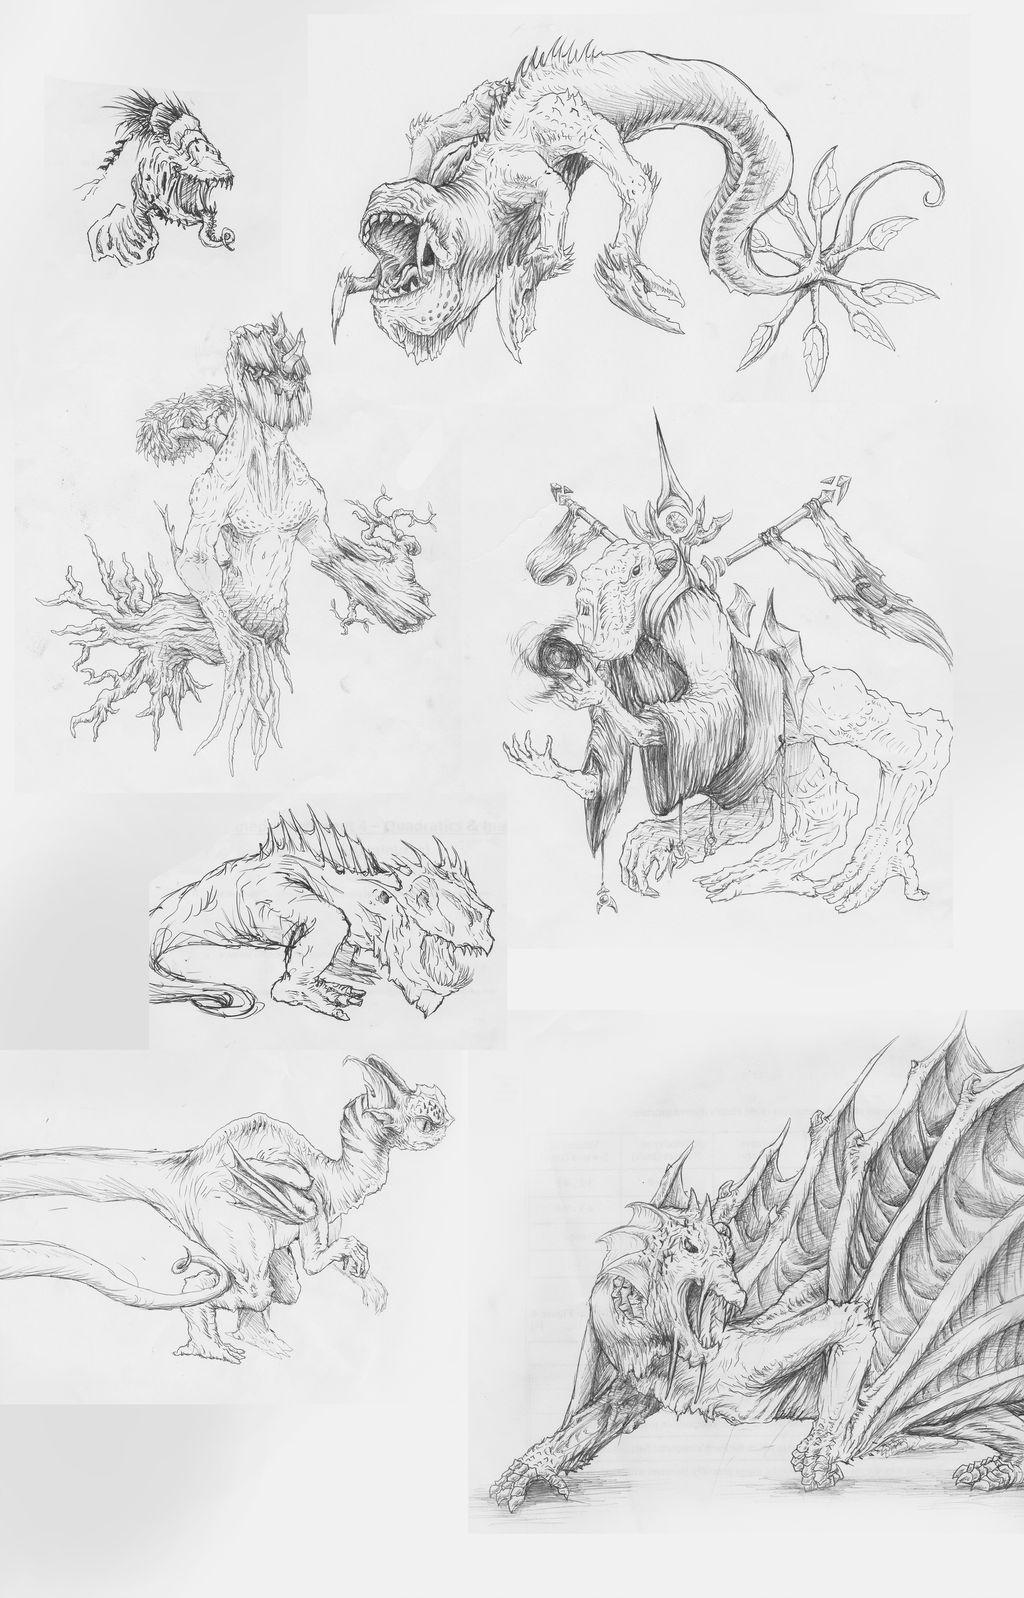 Biro pen sketch dump 2 by LOLzitsaduck